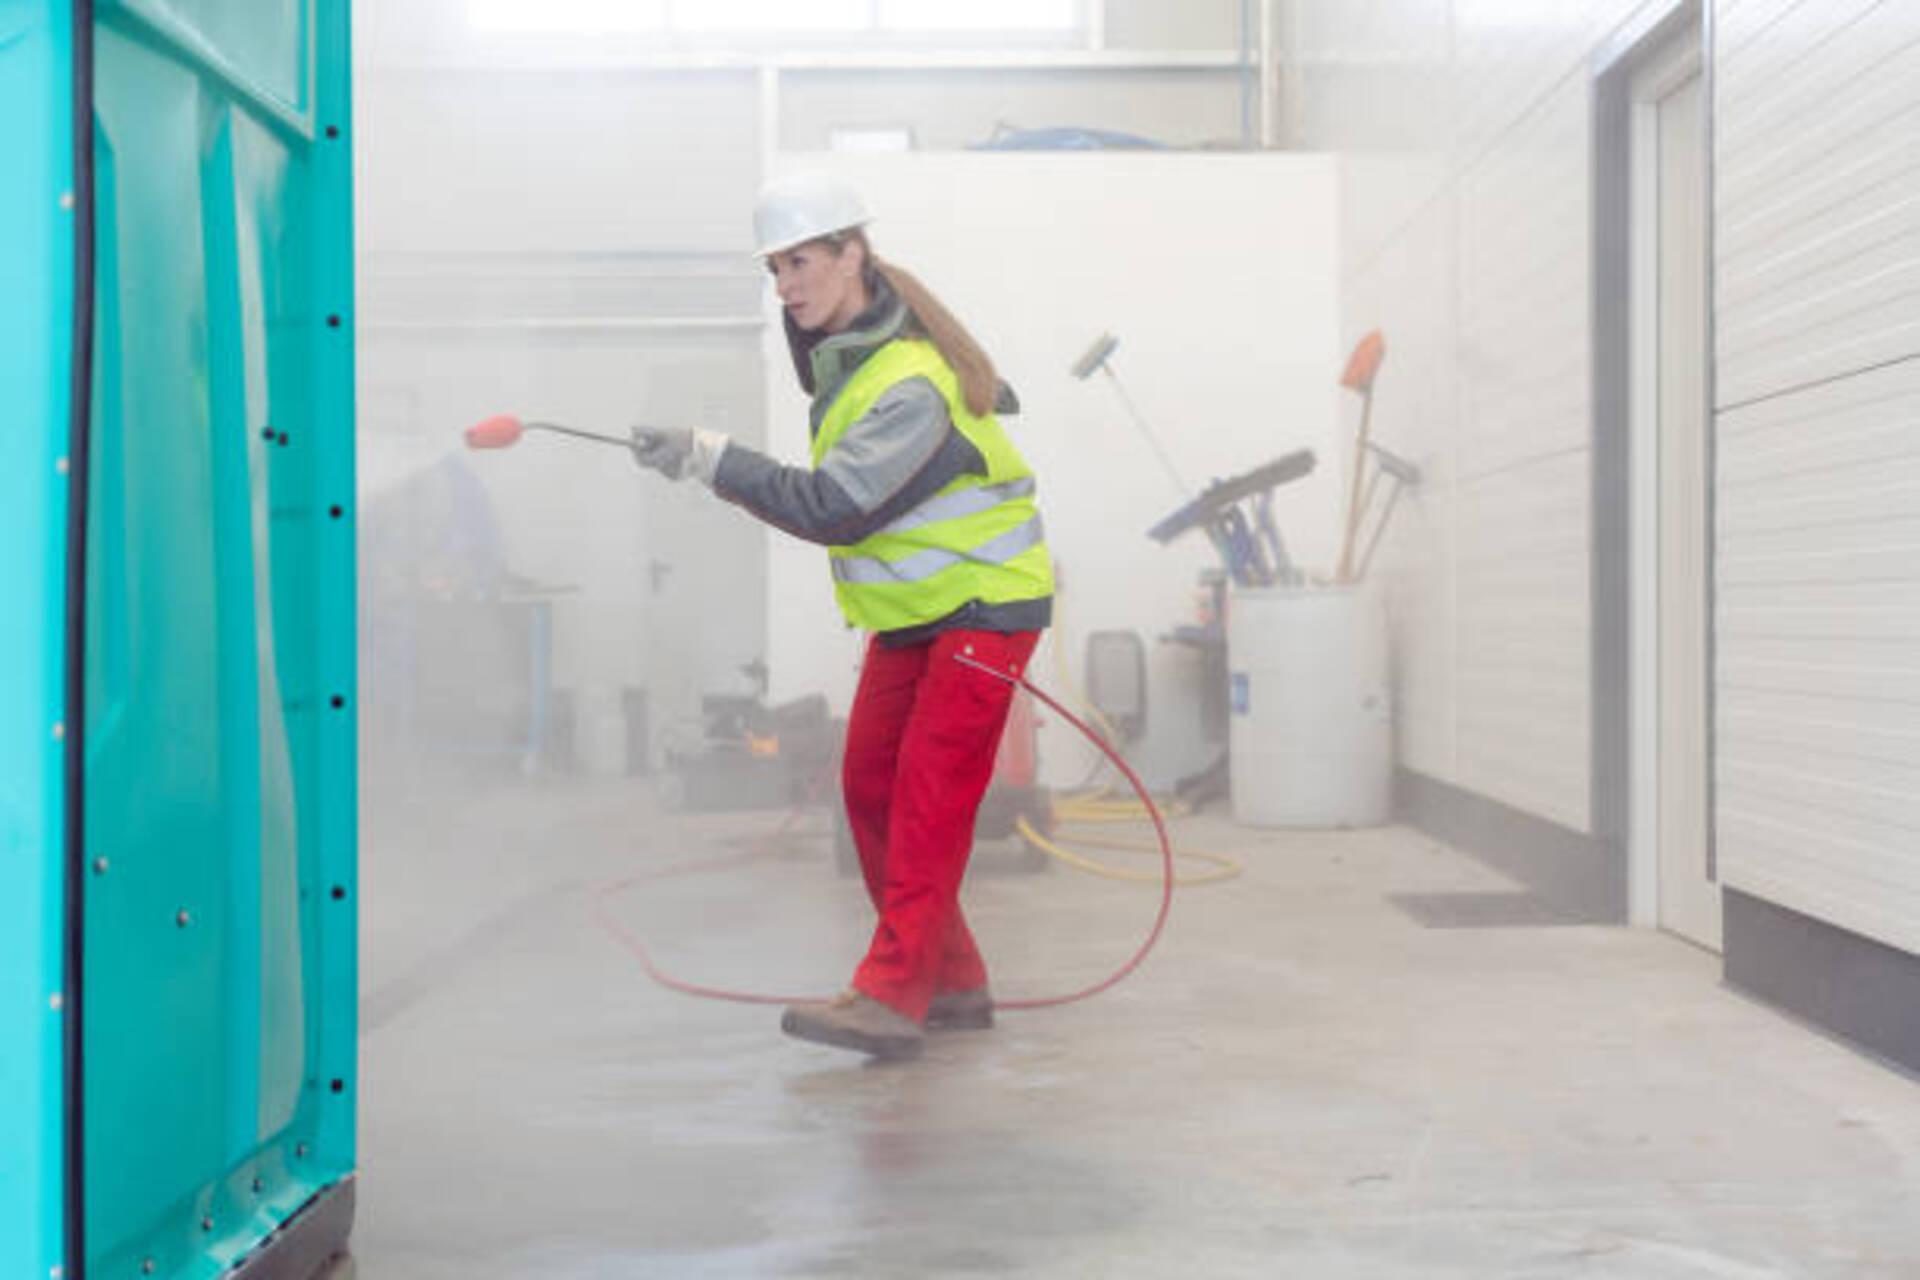 Spray fiber fireproofing